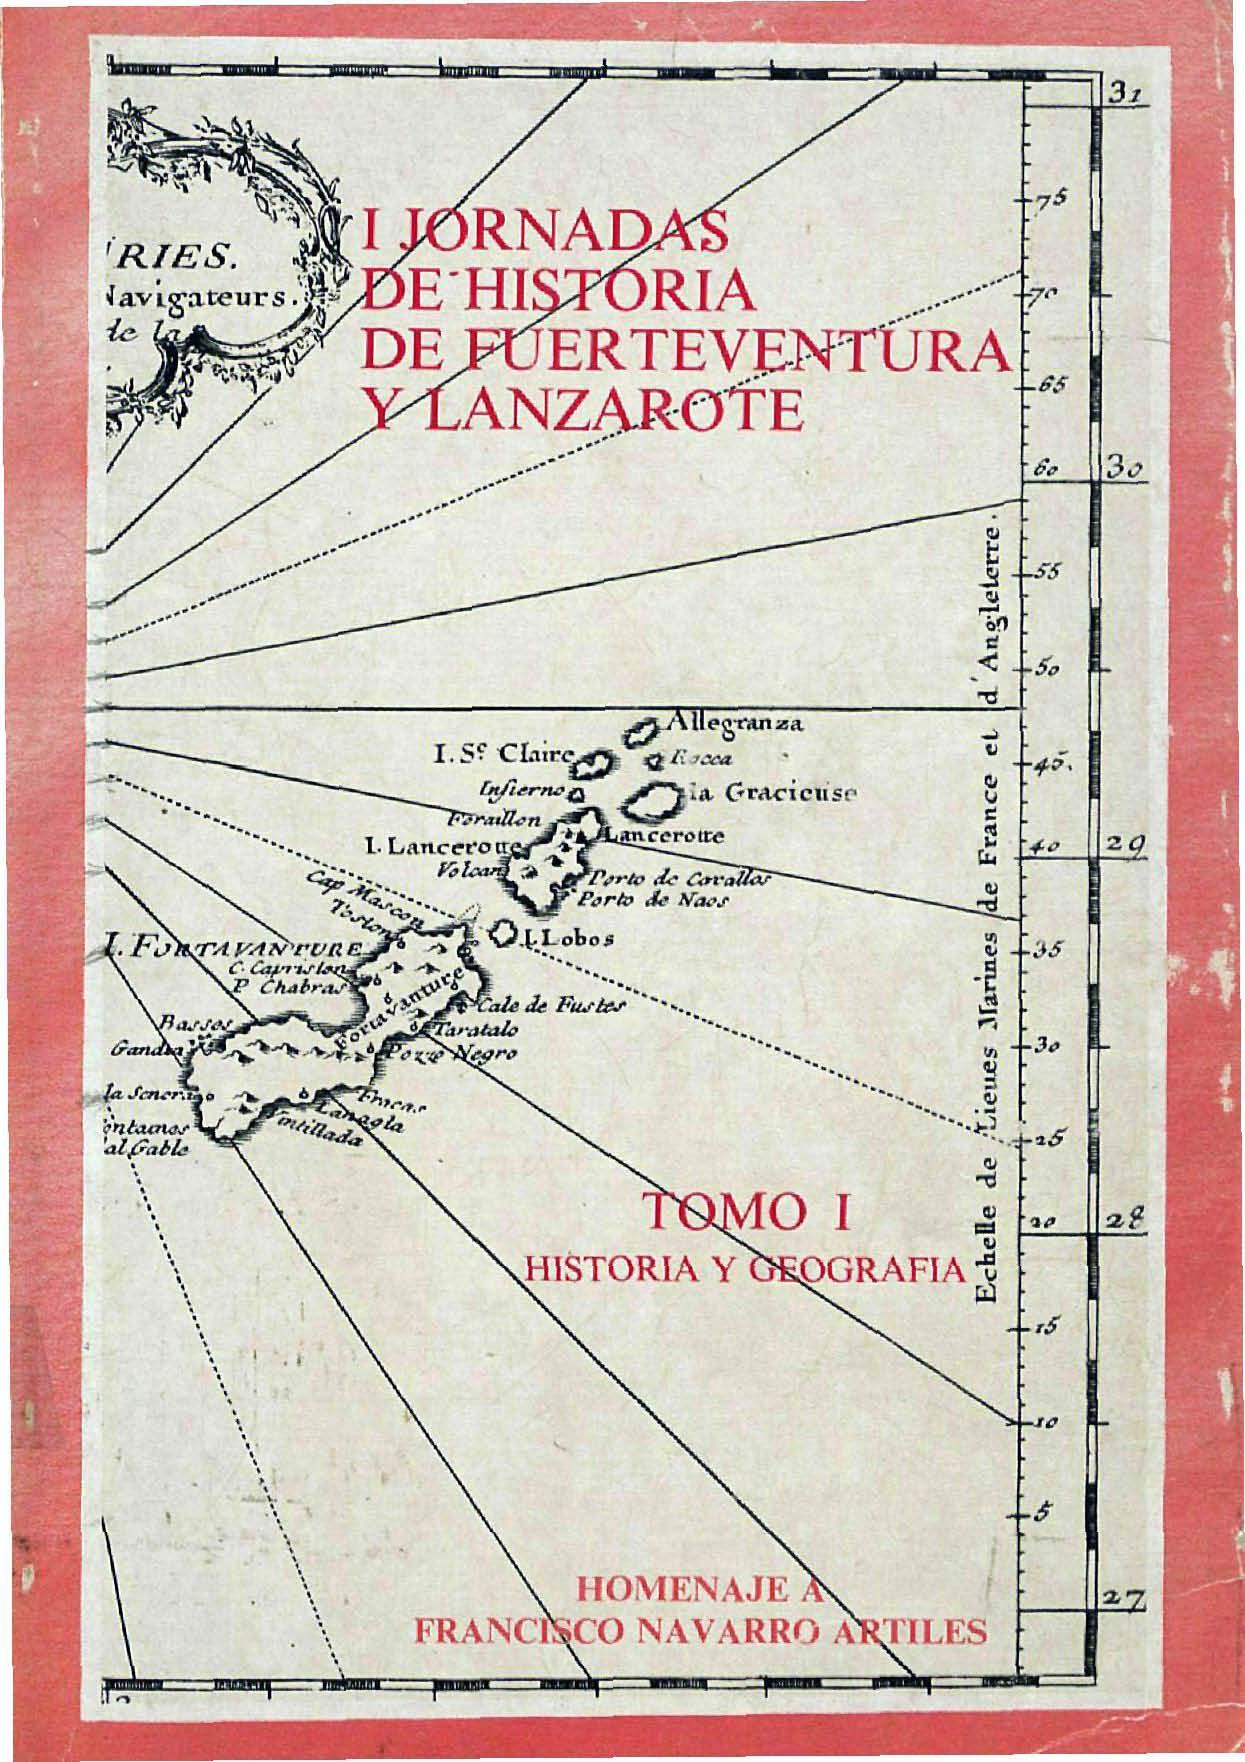 Apuntes sobre una visión descriptiva: la agricultura en la isla de Lanzarote